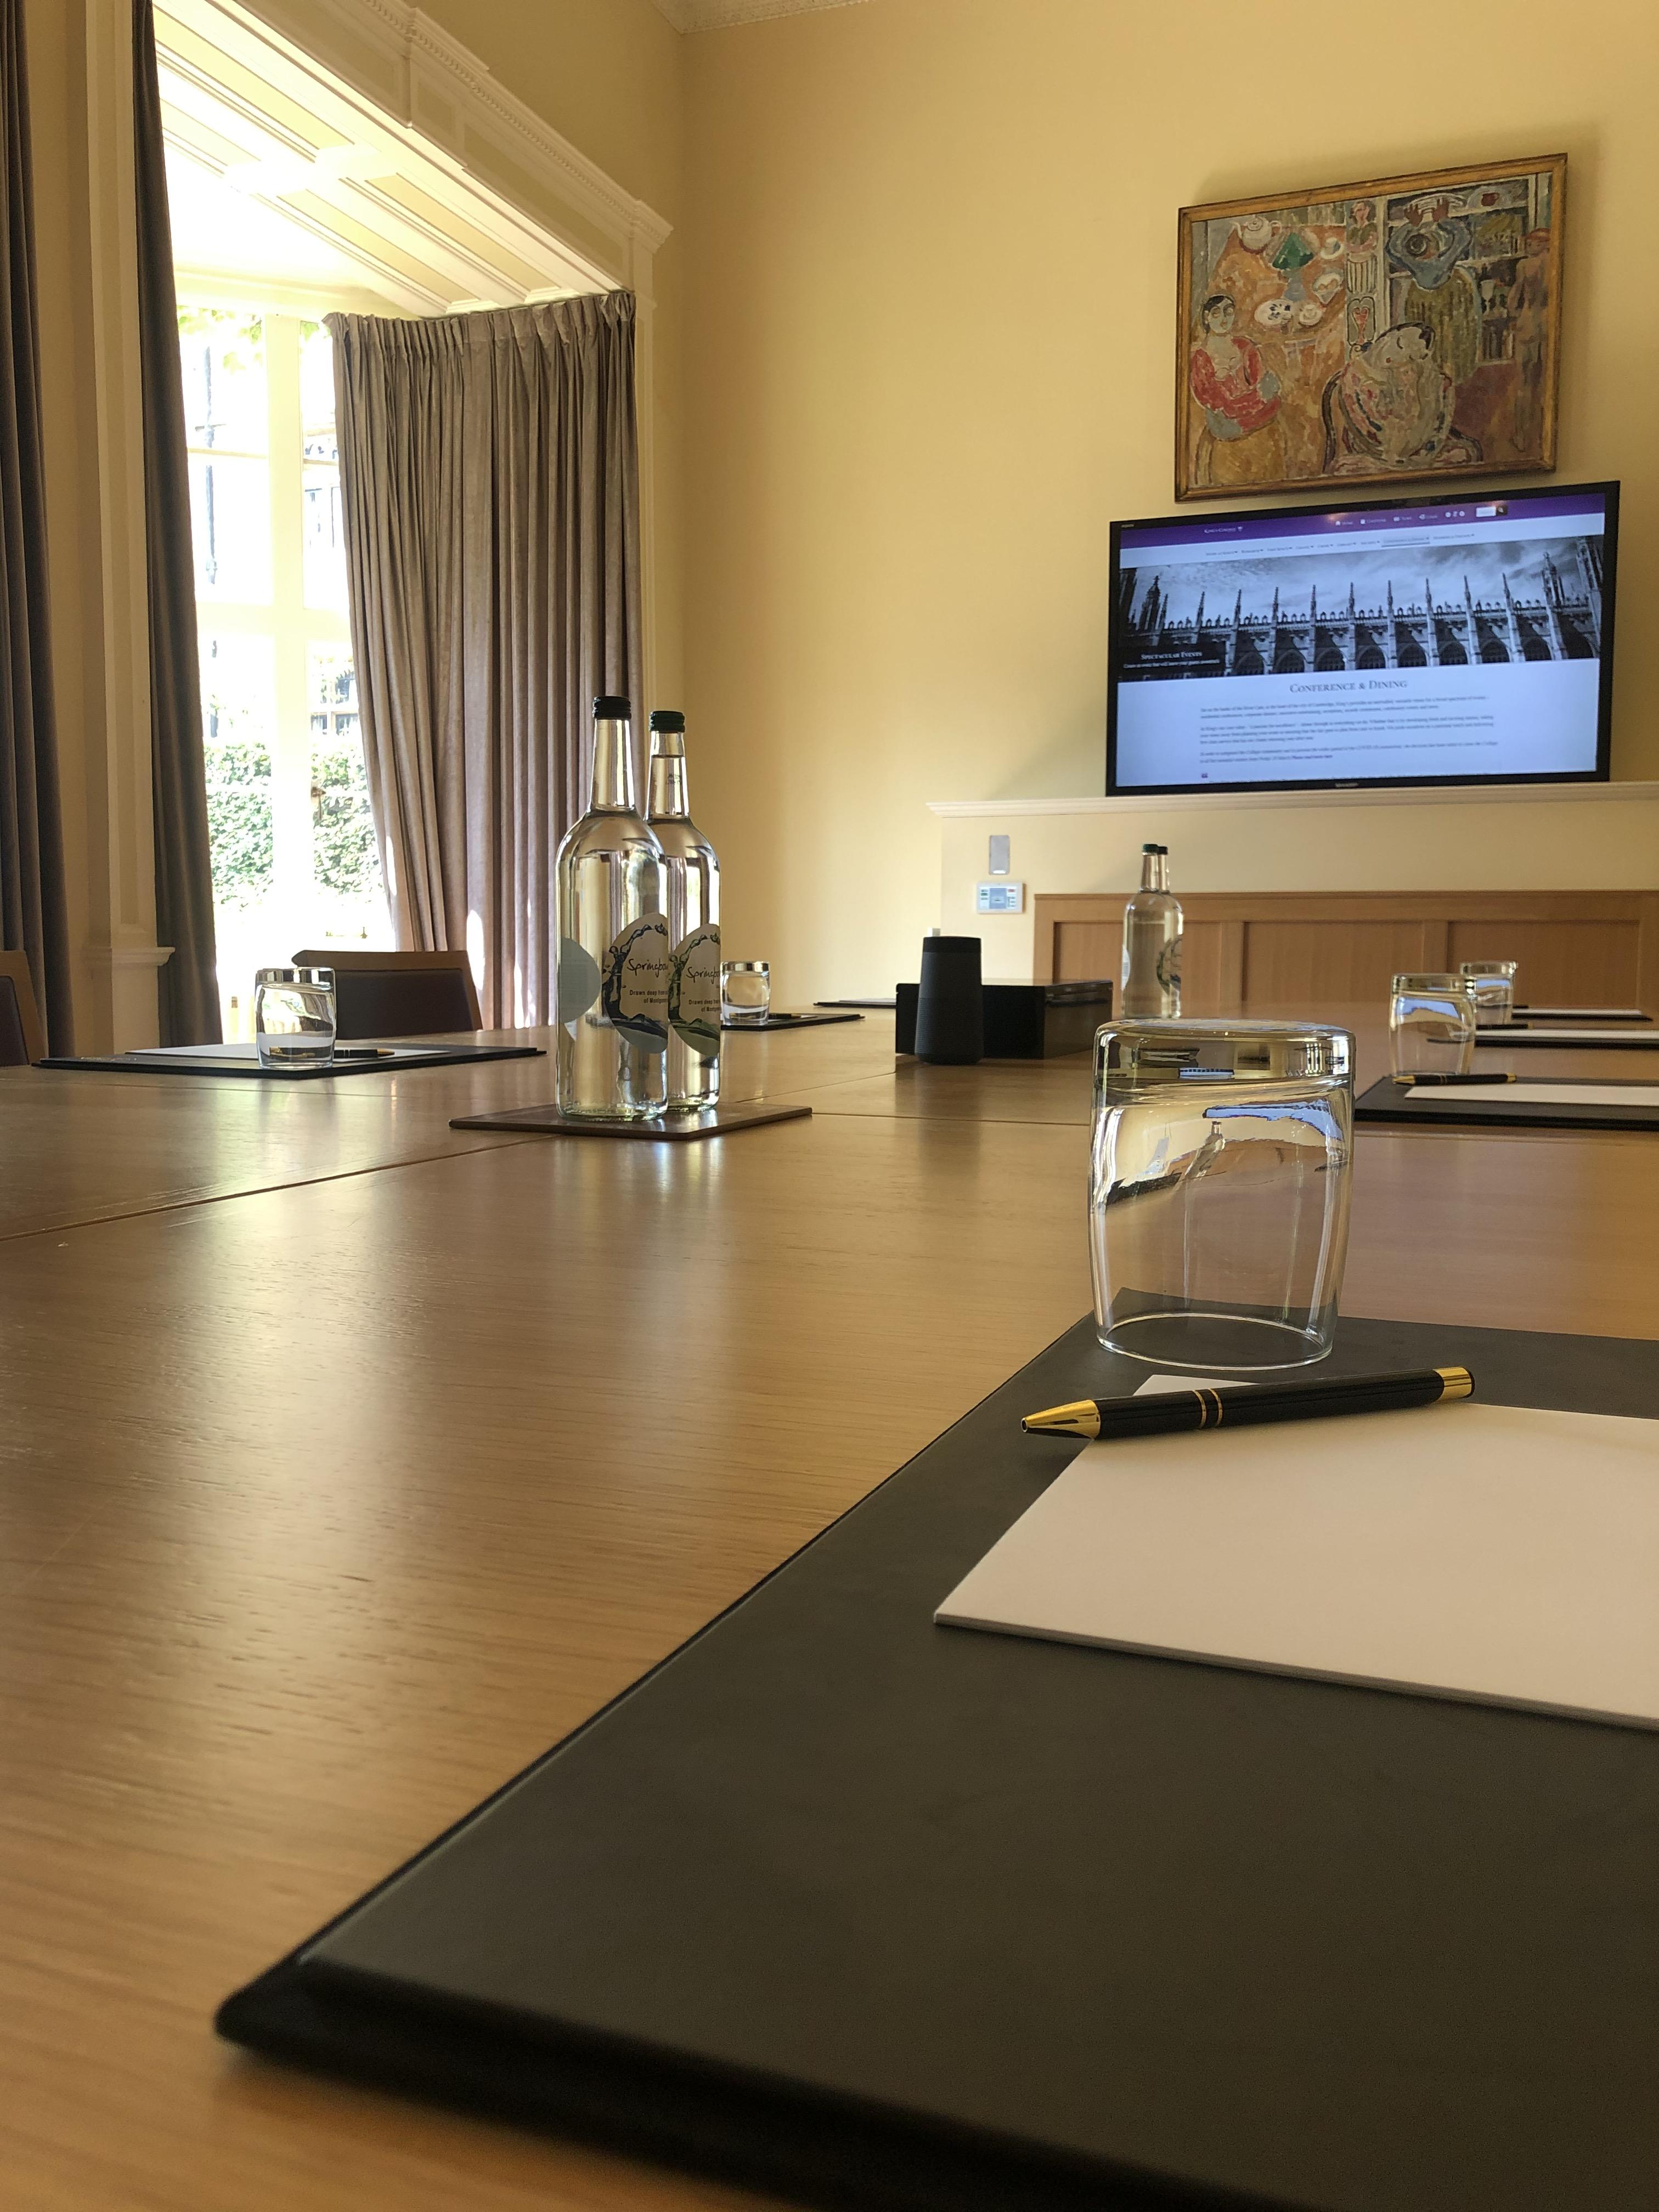 Audit Room Conferences 2